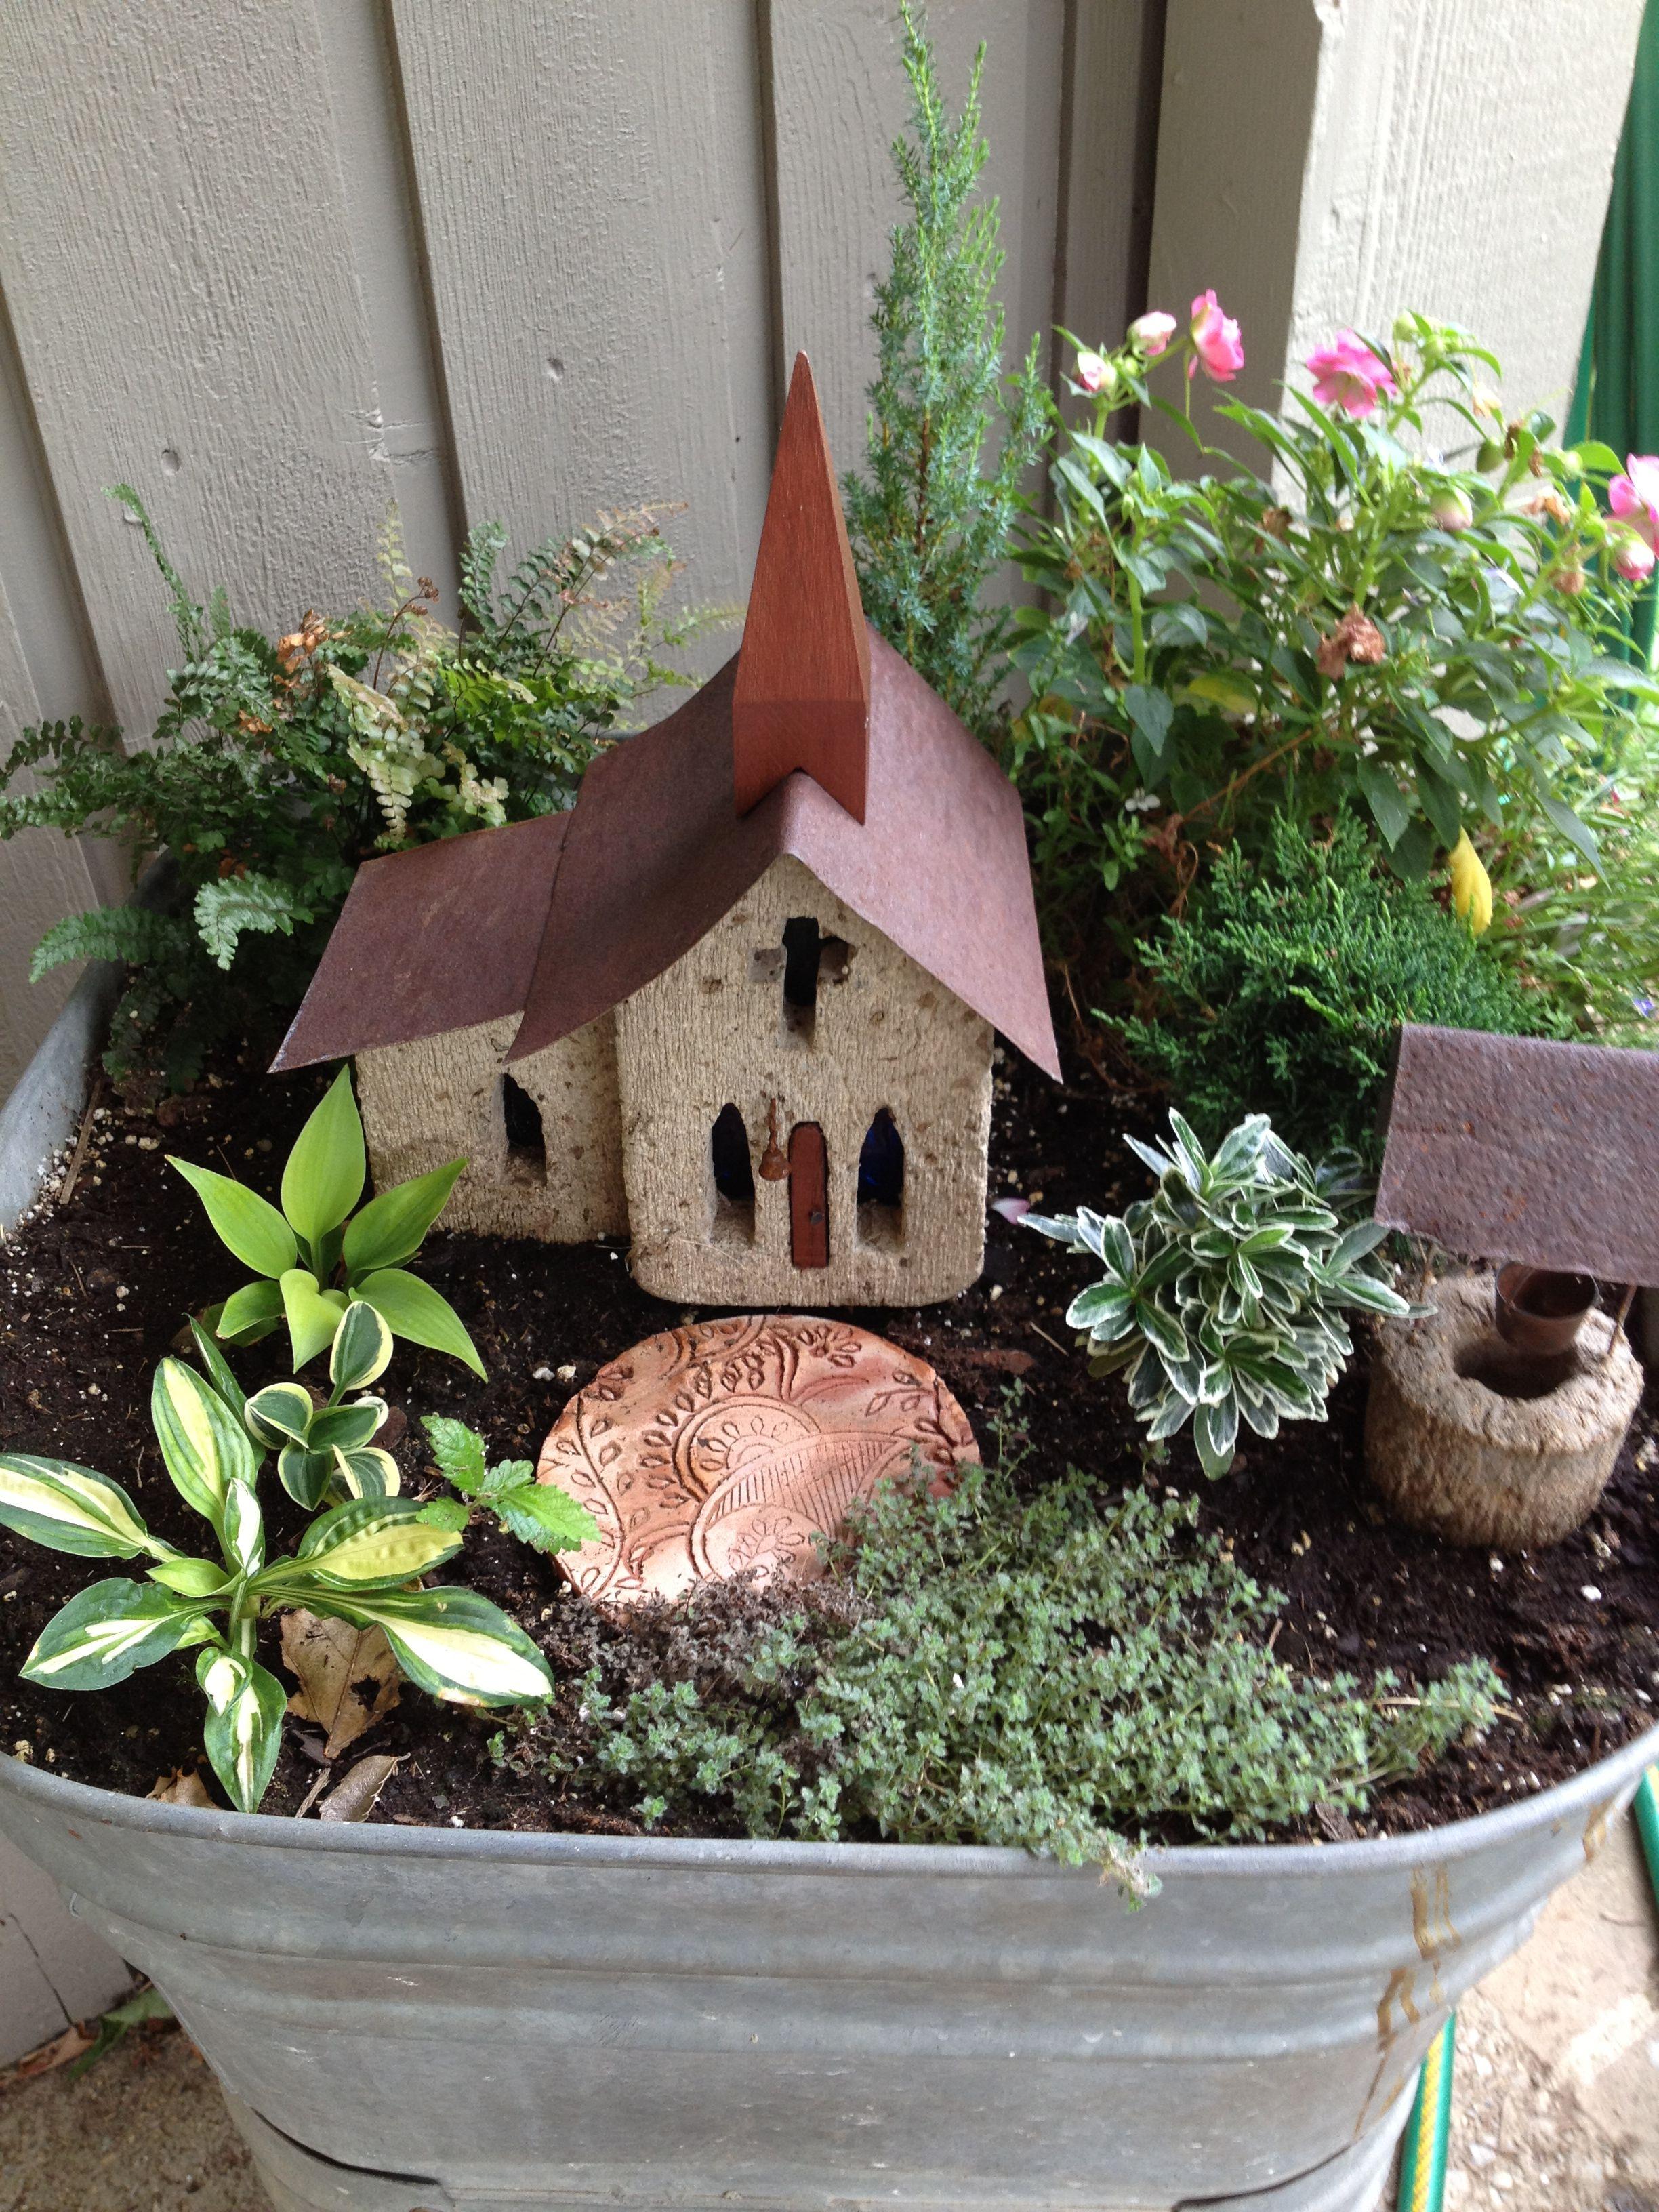 Medium Of Fairy Garden Containers Ideas